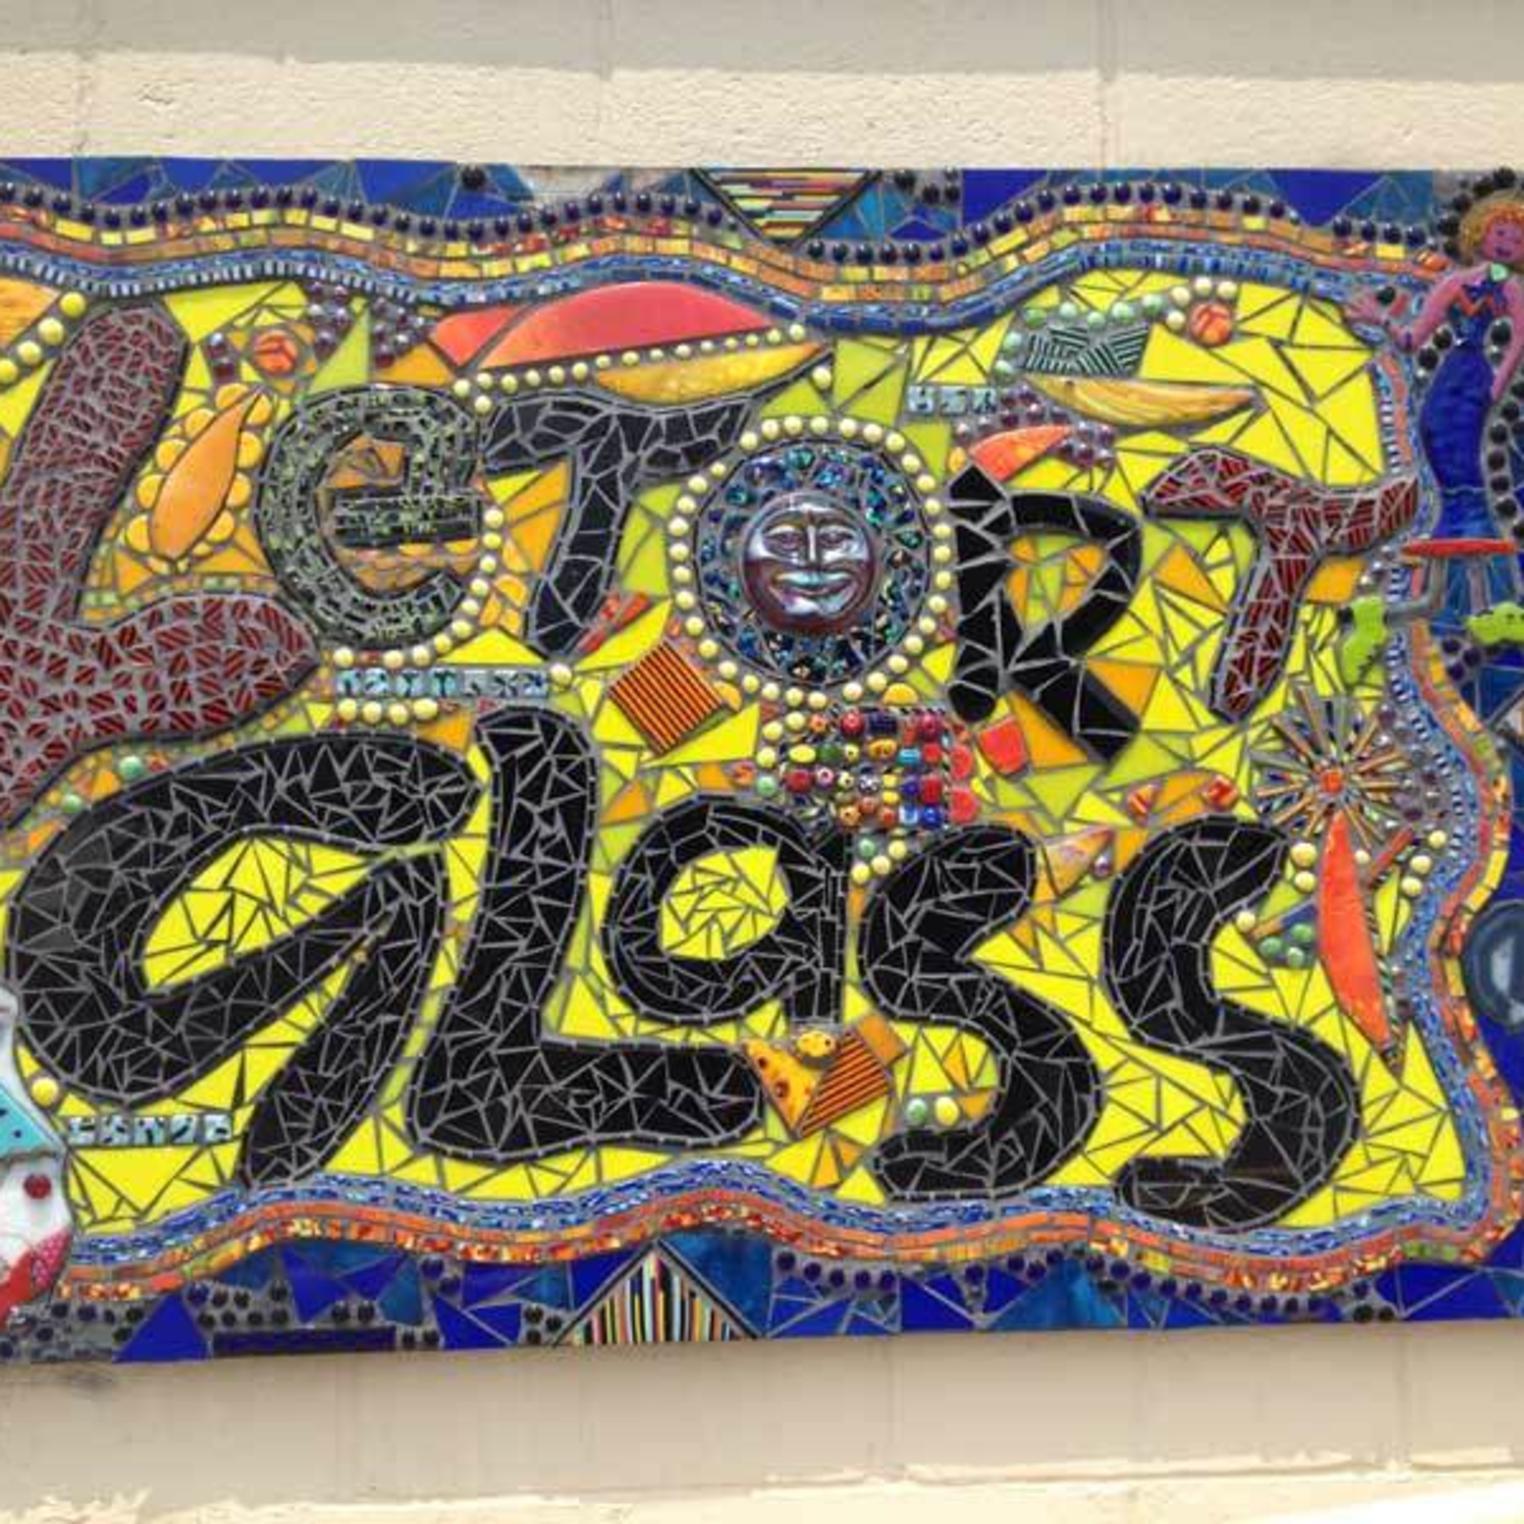 LeTort Glass